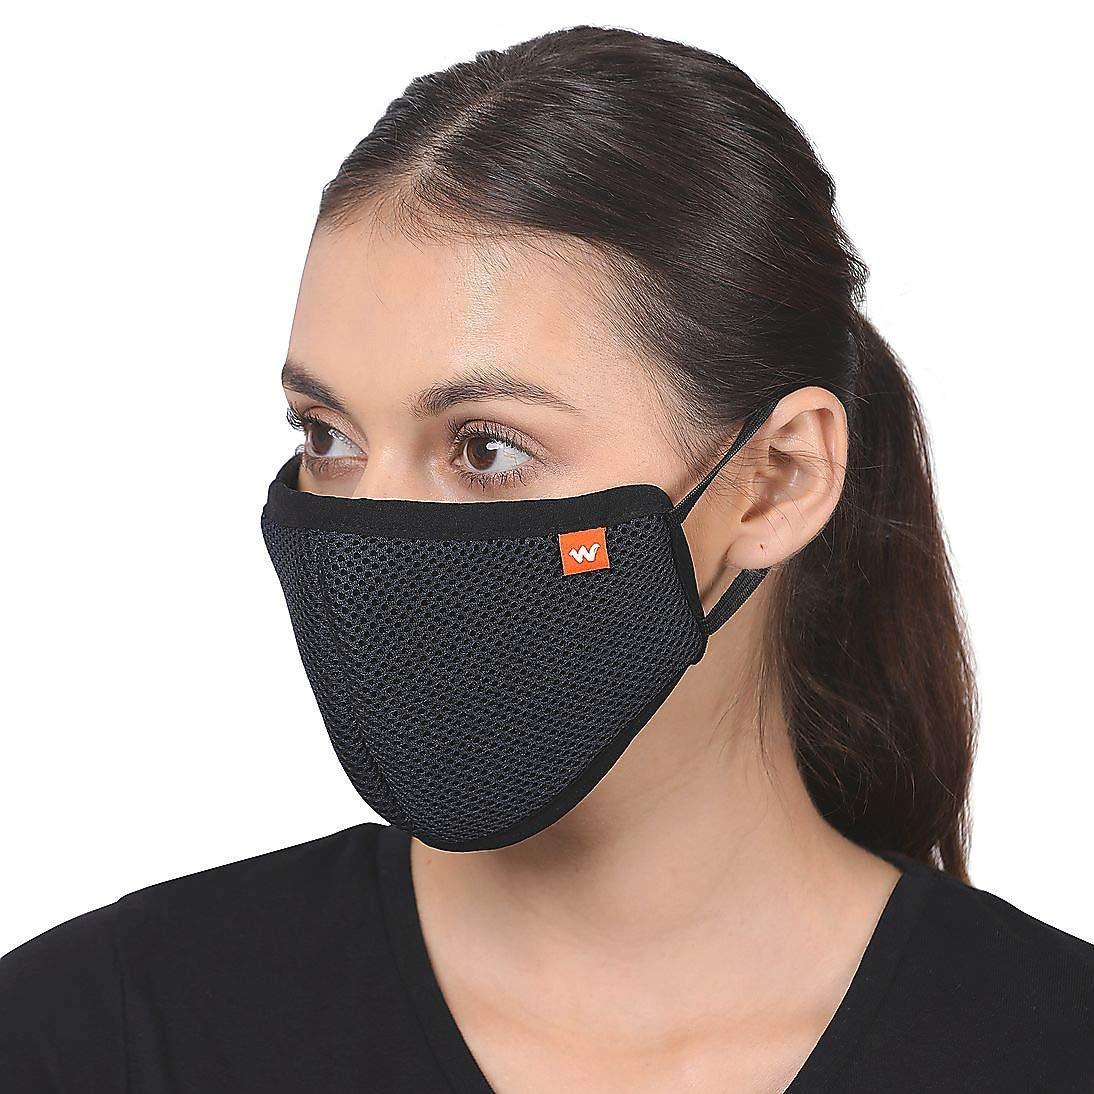 Top 5 premium international standard face masks 713HjZp9PpL. SL1094